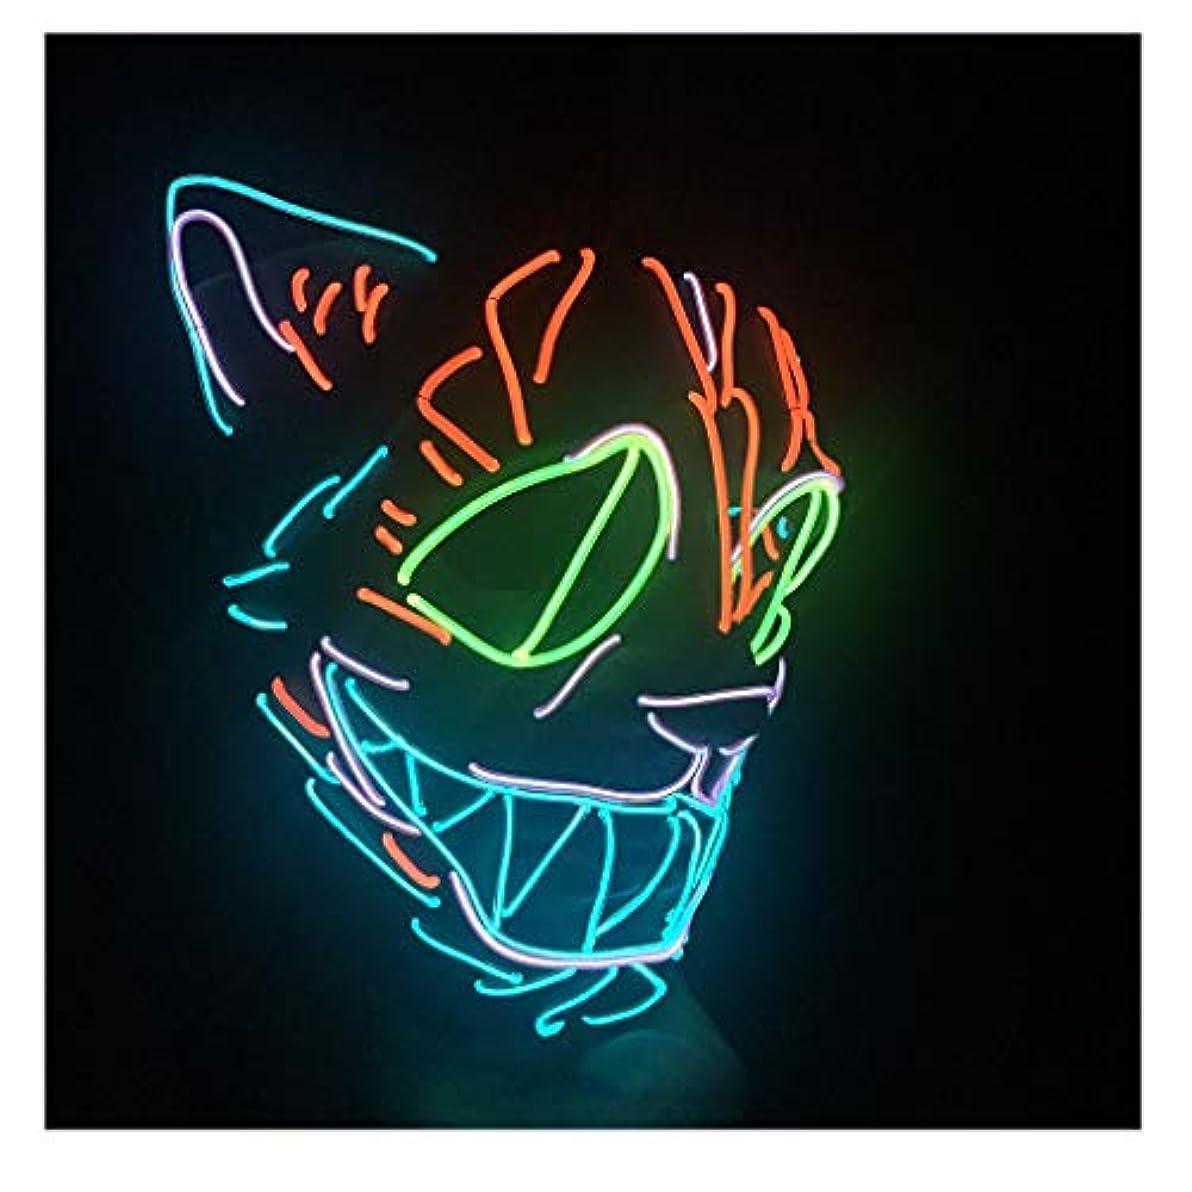 免除する適用済み広告する怖いマスクハロウィンコスプレ-コスチュームマスクライトアップフェスティバルパーティー用LEDマスクブルー,赤